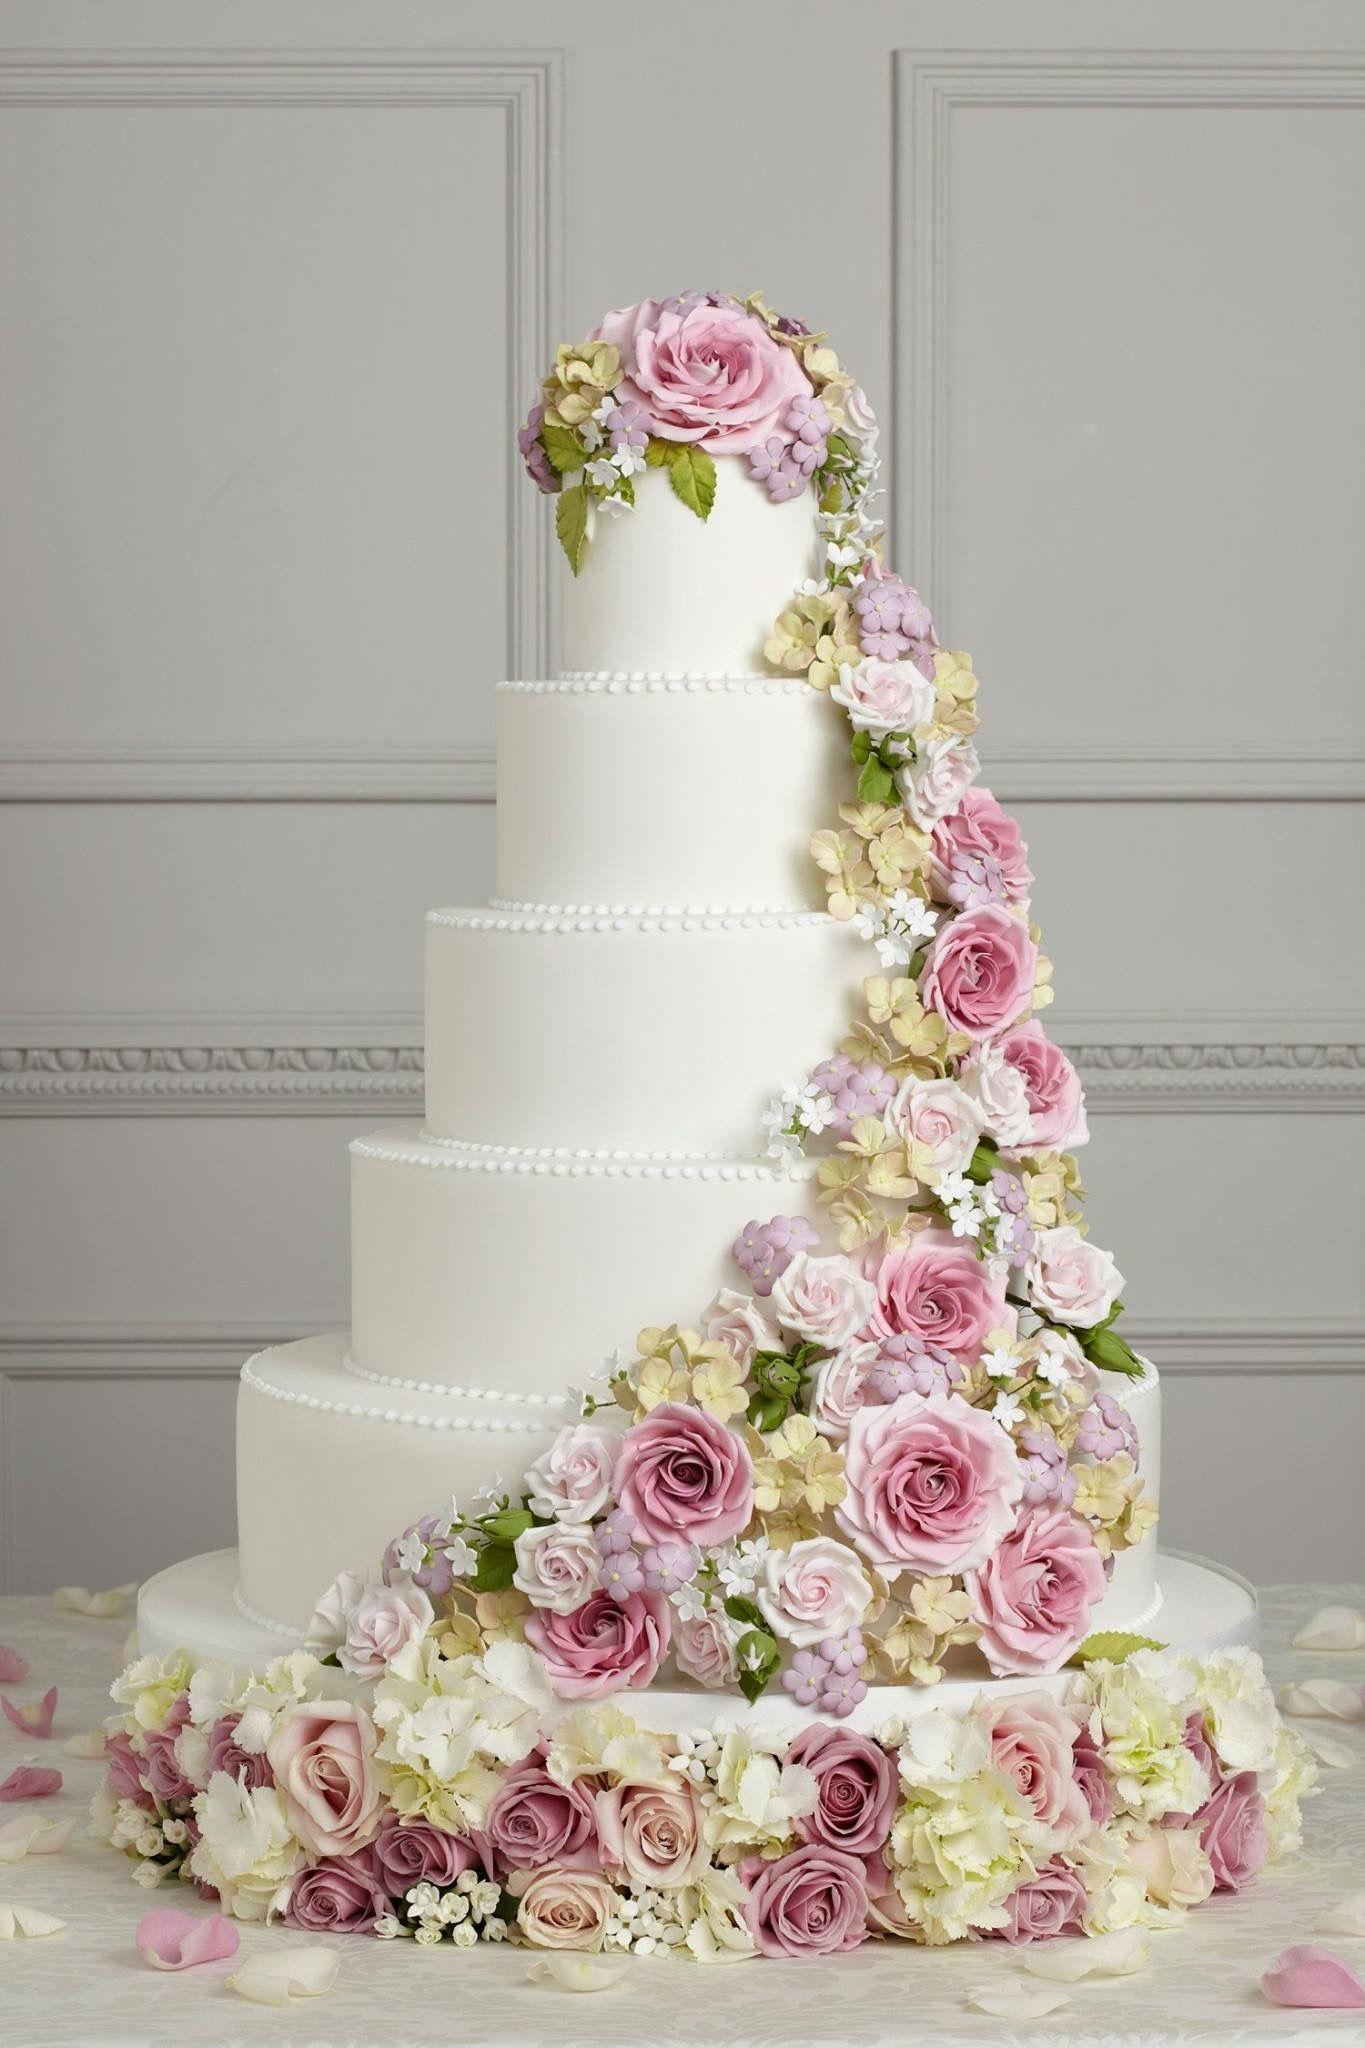 Kuchen, Einzigartige Hochzeiten, Einzigartige Hochzeitstorten, Hübsche  Kuchen, Schöne Kuchen, Rose, Hochzeitsplanung, Ideen Für Die Hochzeit,  Kuchen Ideen Good Ideas